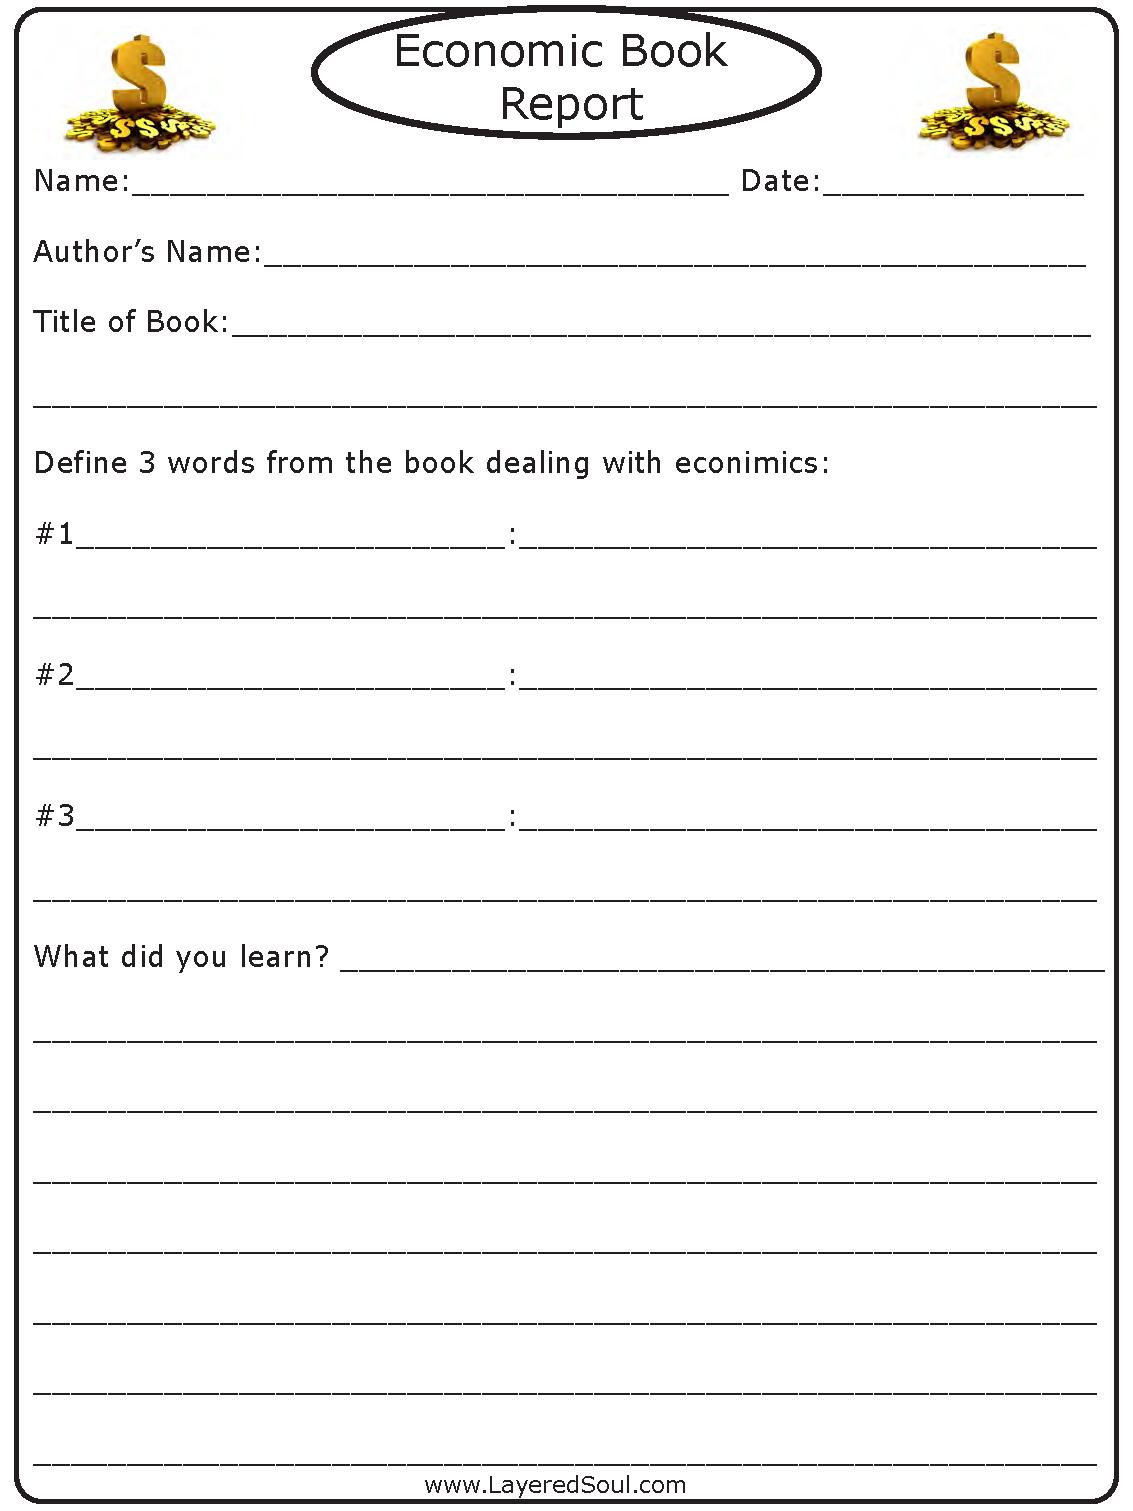 Book Report Economics